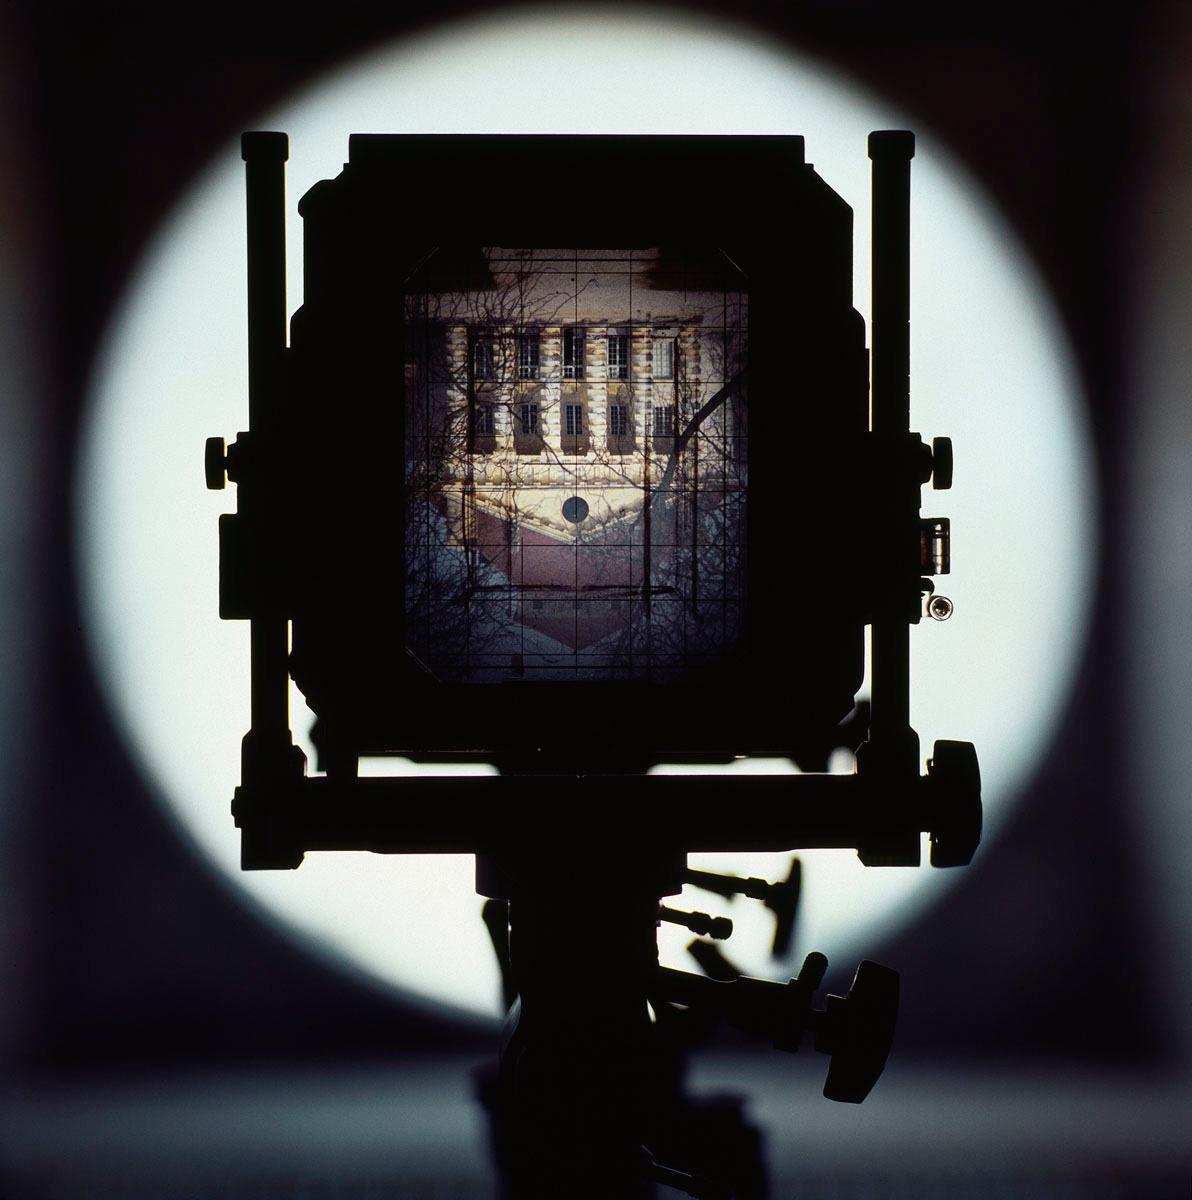 La photographie montre le verre dépoli d'une chambre photographique